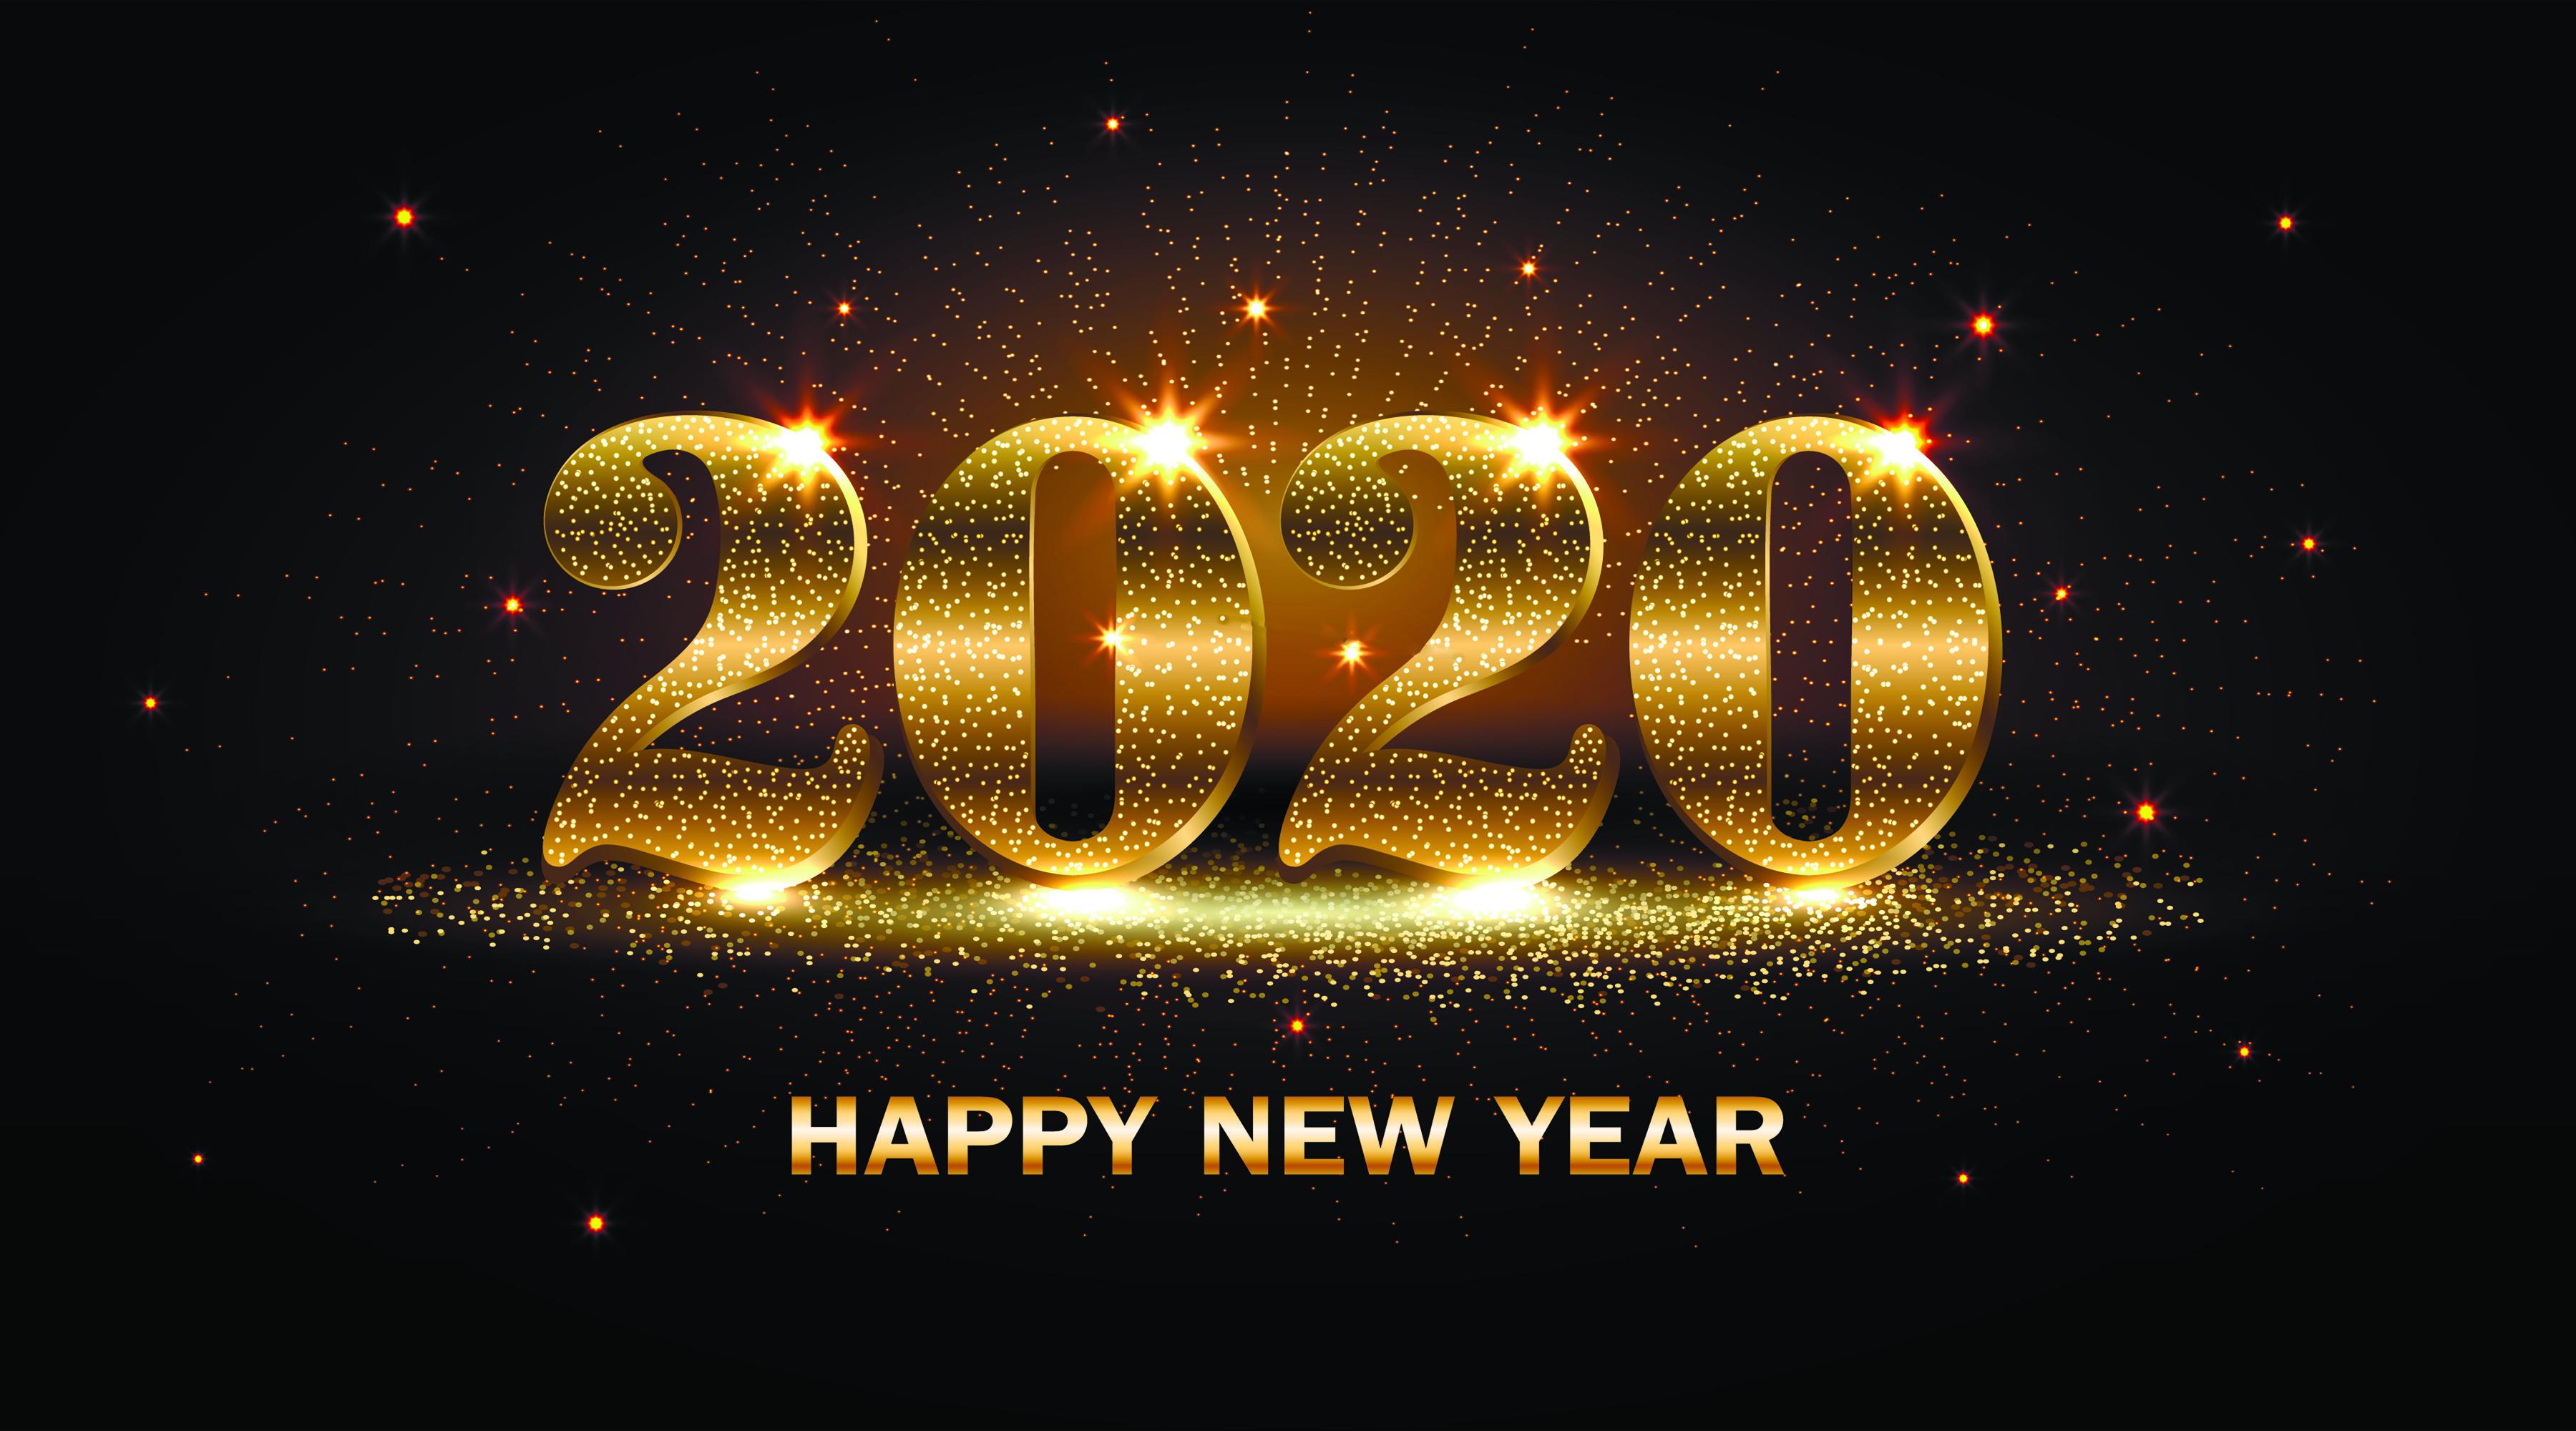 Bilde 2020 Nyttår engelske Grå bakgrunn 3600x2000 jul Engelsk